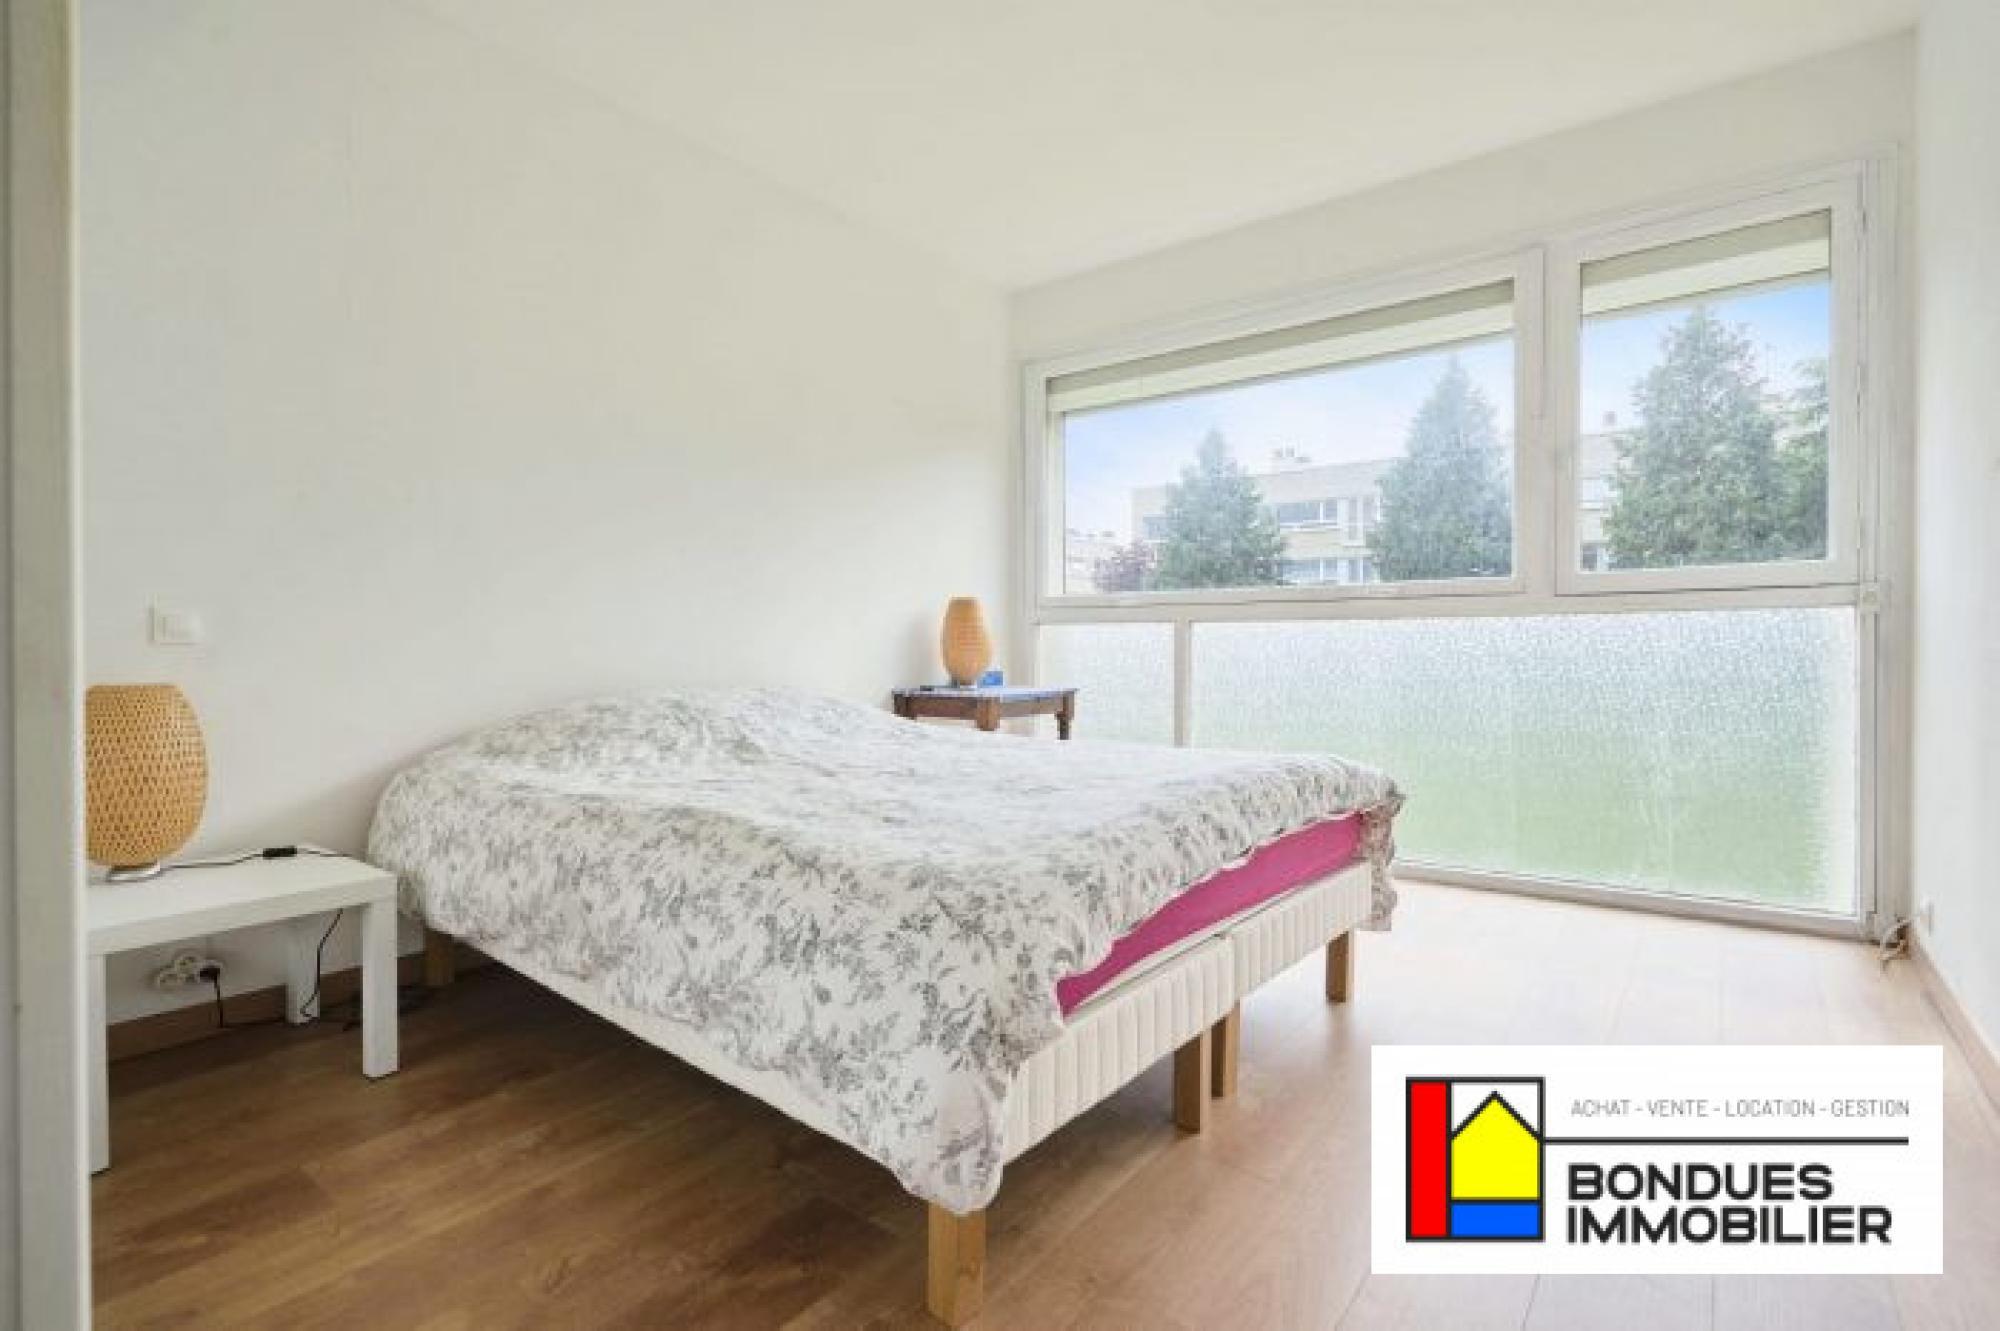 vente appartement marcq en barœul refVA2138 (11)